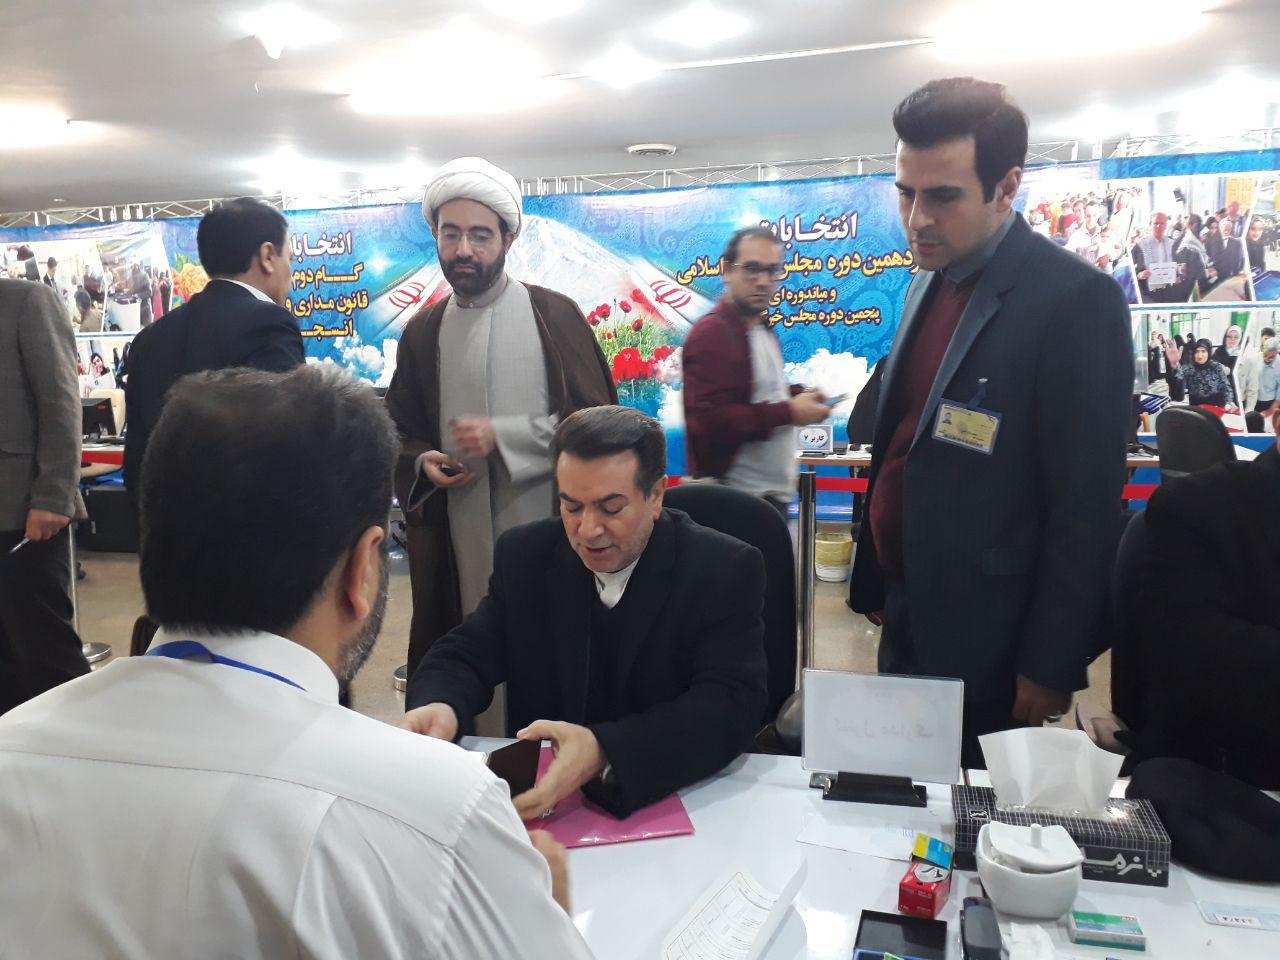 سومین روز ثبتنام از داوطلبان انتخابات مجلس یازدهم آغاز شد